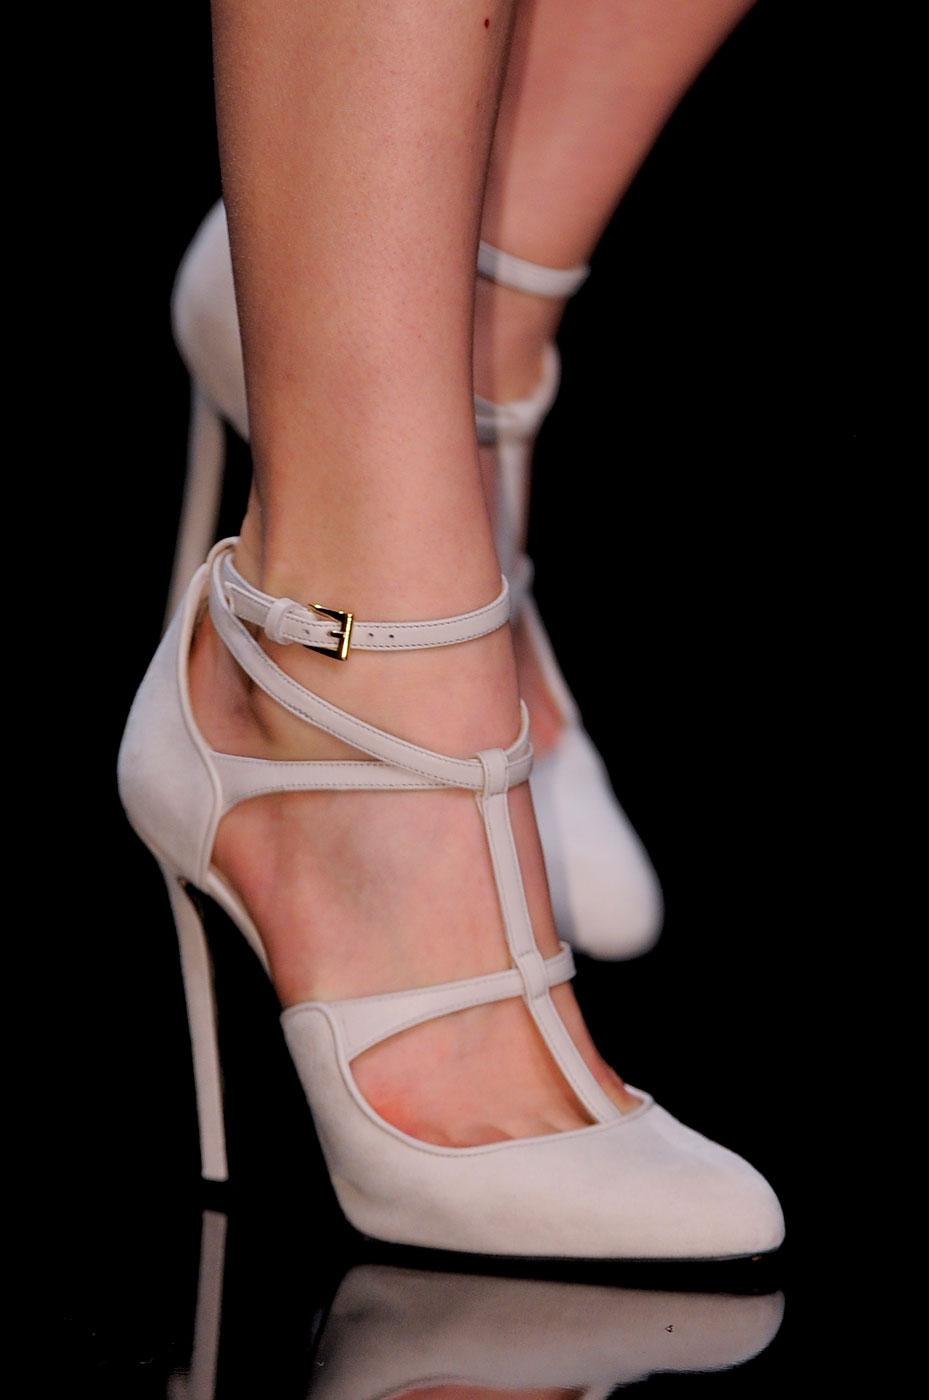 Galeria de Fotos #Desejo: os melhores sapatos, bolsas e acessórios do ...: ffw.com.br/noticias/moda/os-melhores-acessorios-da-temporada...